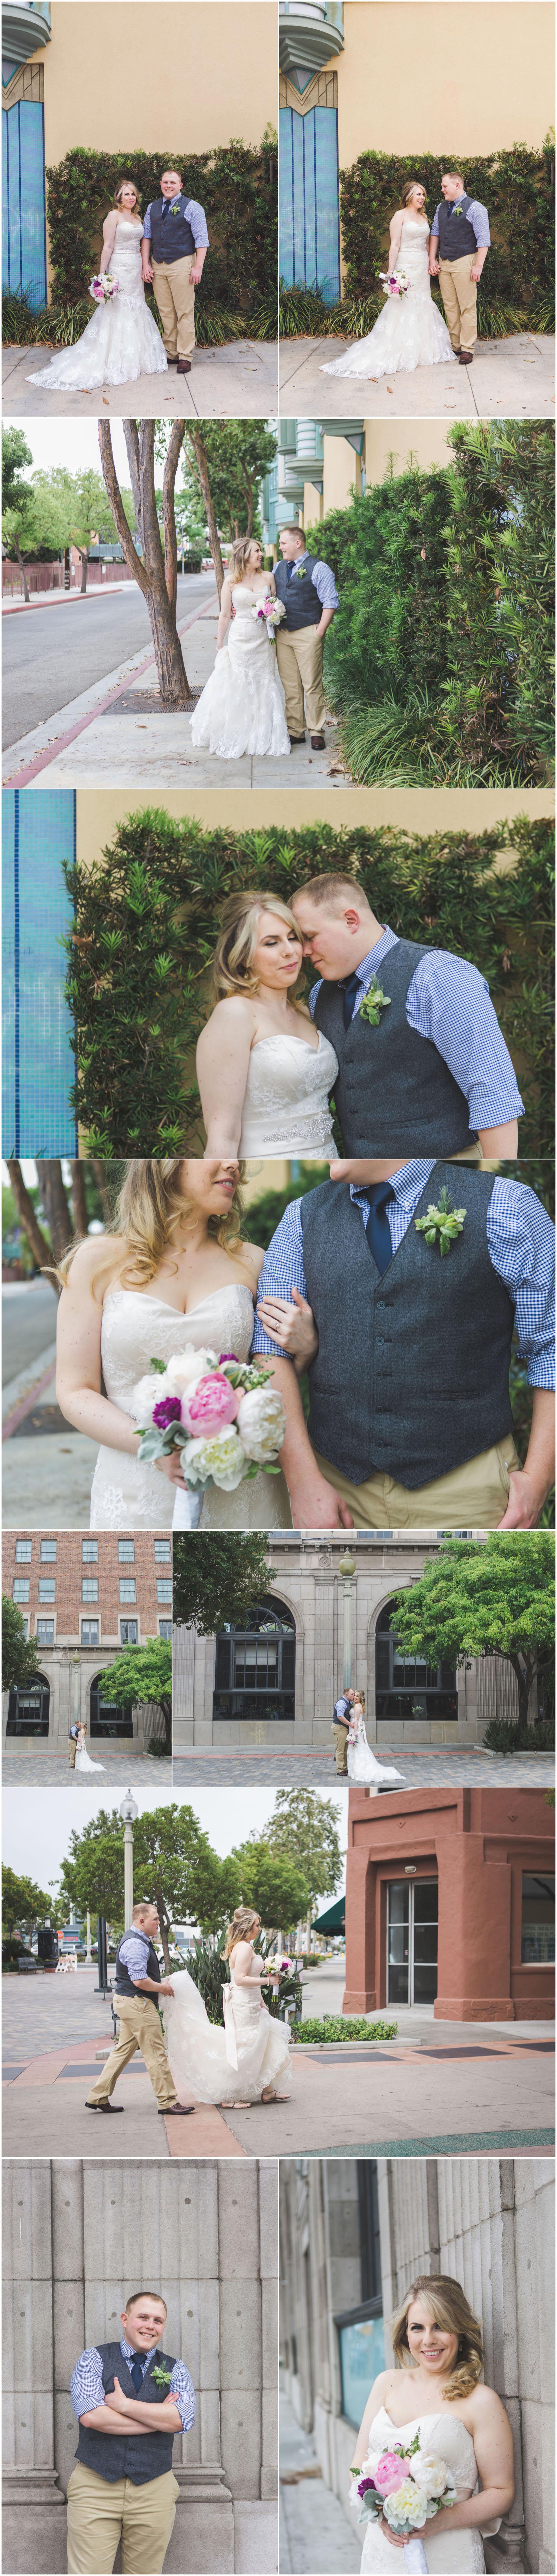 ashley vos photography seattle area wedding photographer courthouse wedding backyard wedding seattle washington_0110.jpg